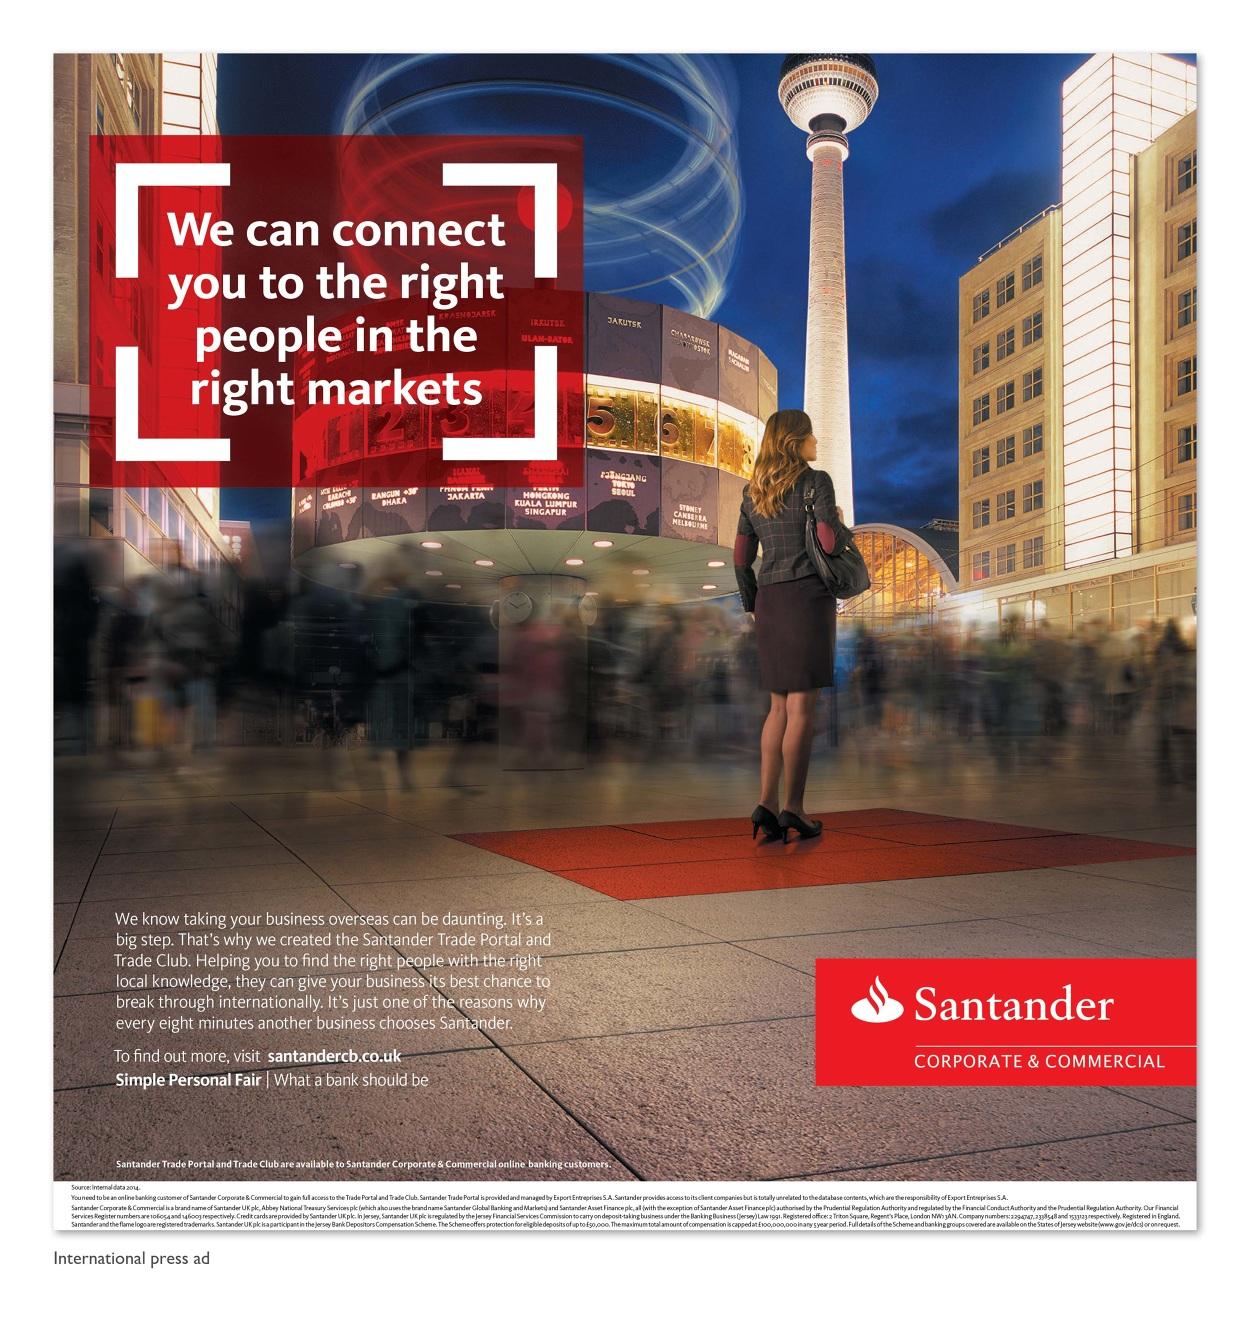 santander online login uk